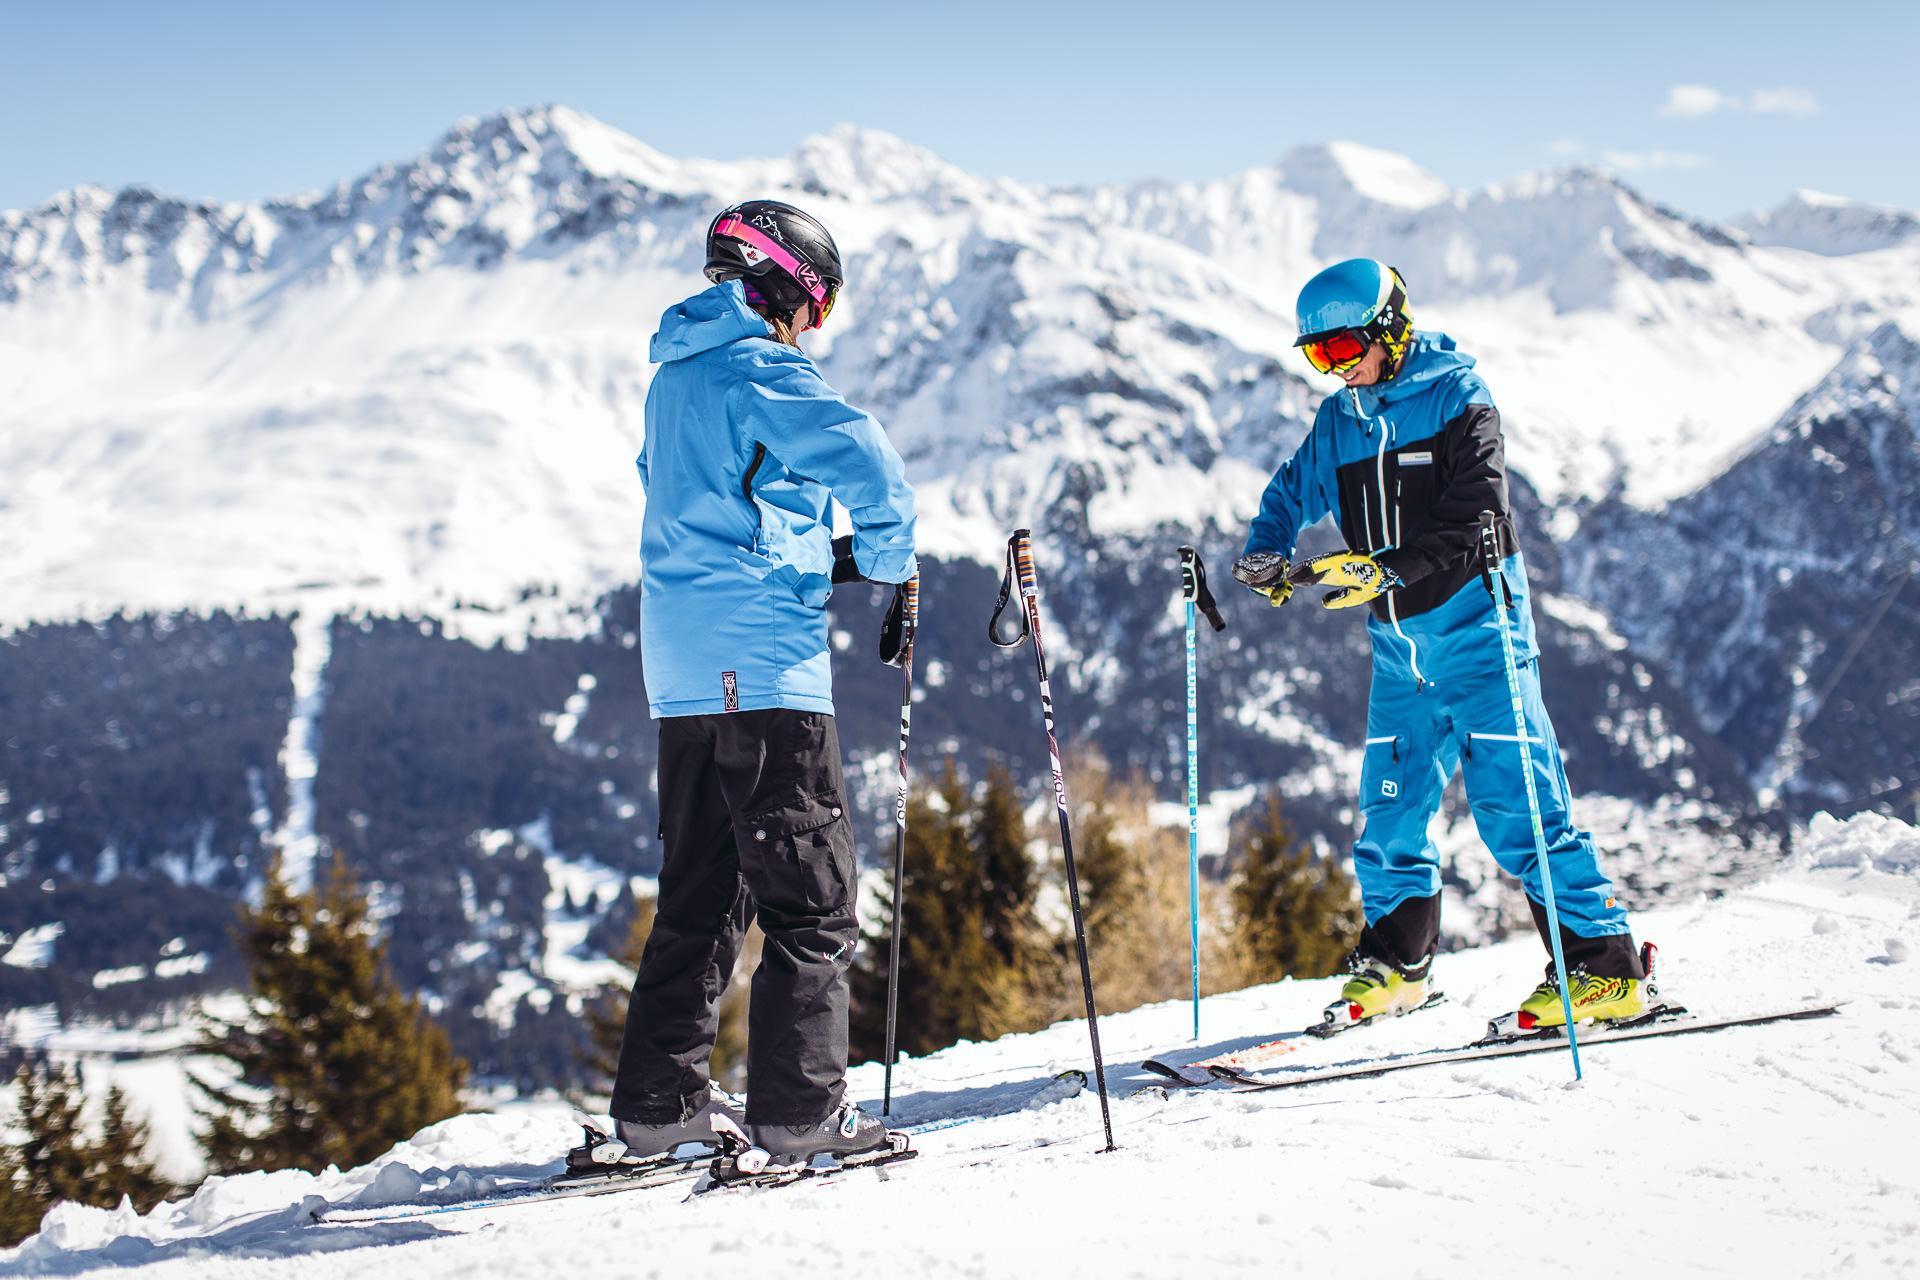 Skilessen voor volwassenen vanaf 18 jaar - licht gevorderd